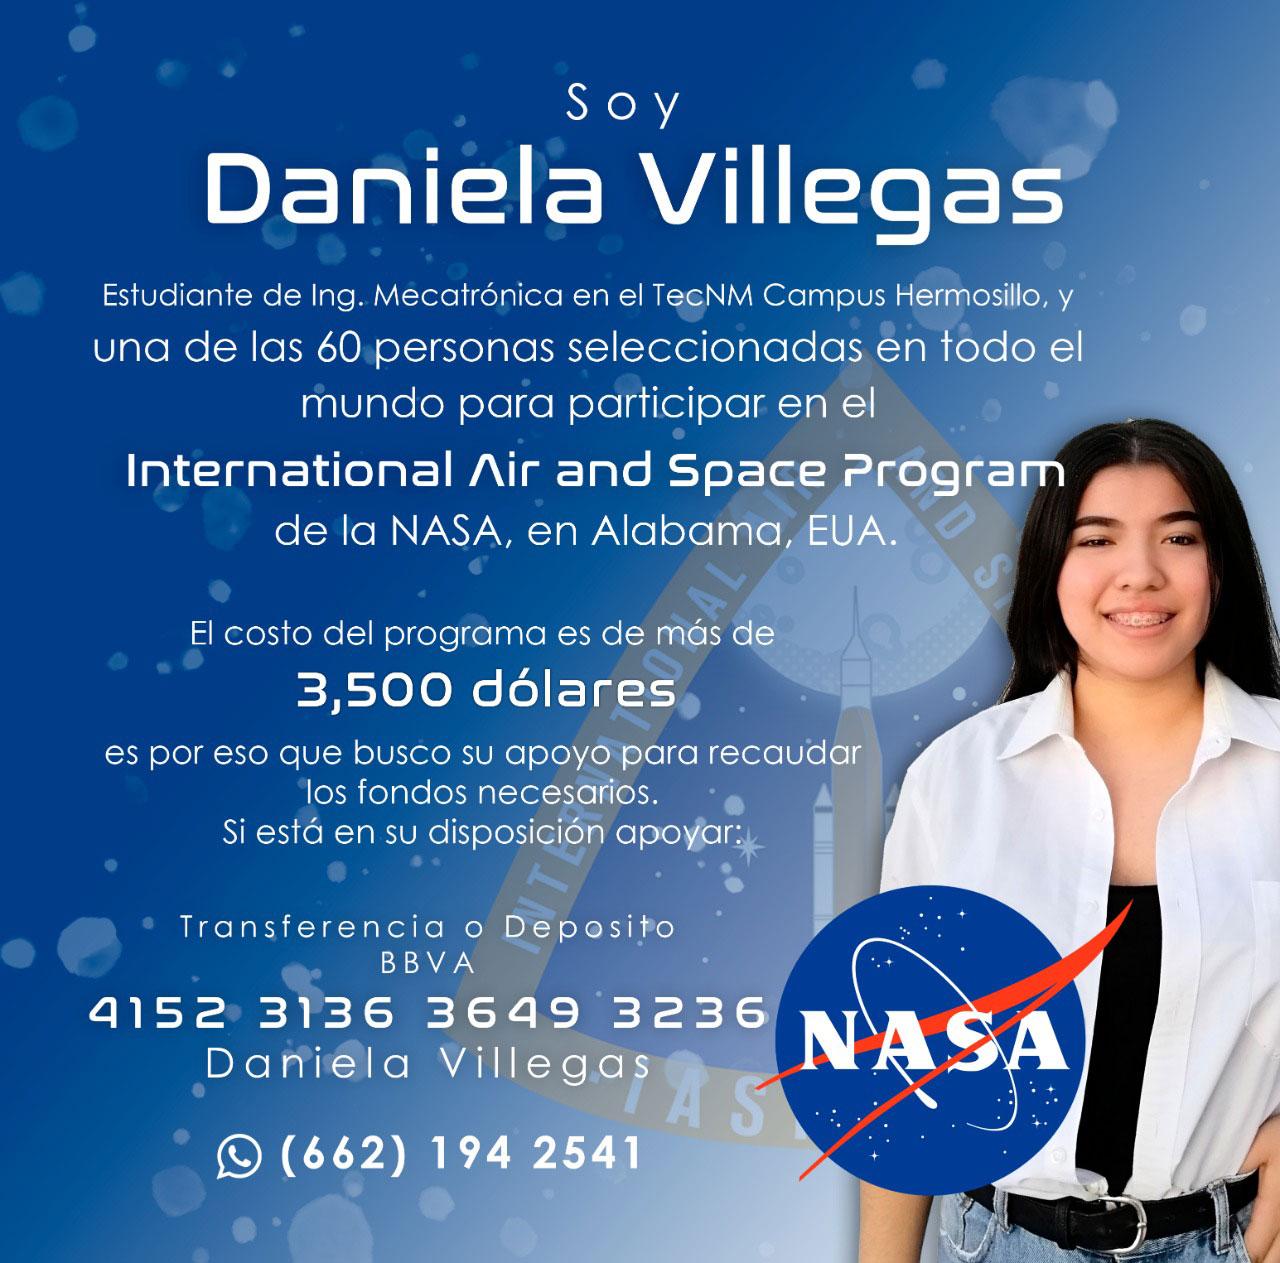 Daniela Villegas es una estudiante mexicana que está solicitando ayuda para poder integrarse al programa de la NASA al que fue seleccionada